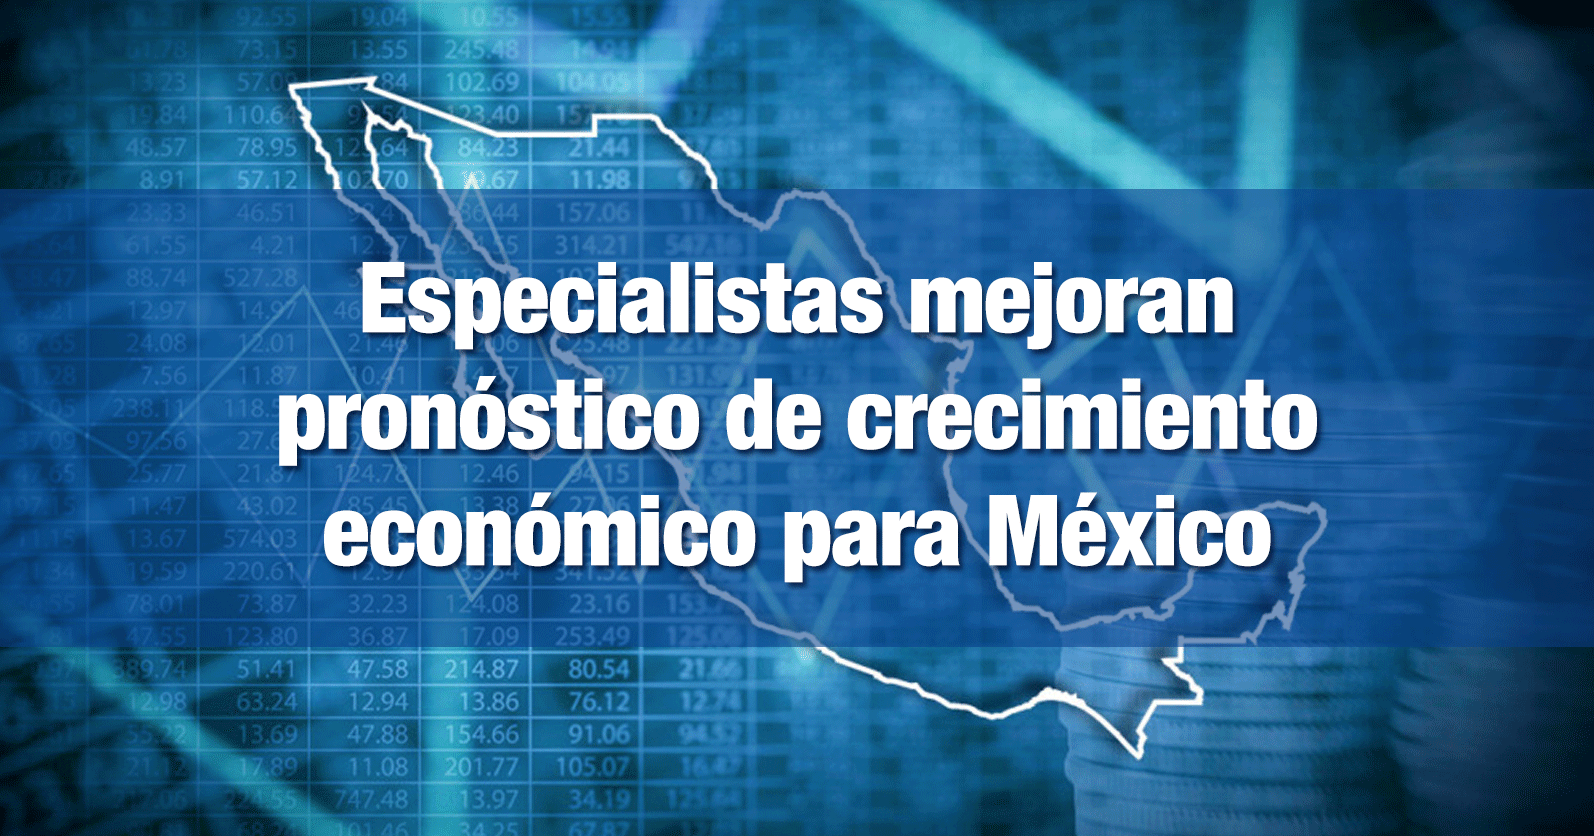 Especialistas mejoran pronóstico de crecimiento económico para México